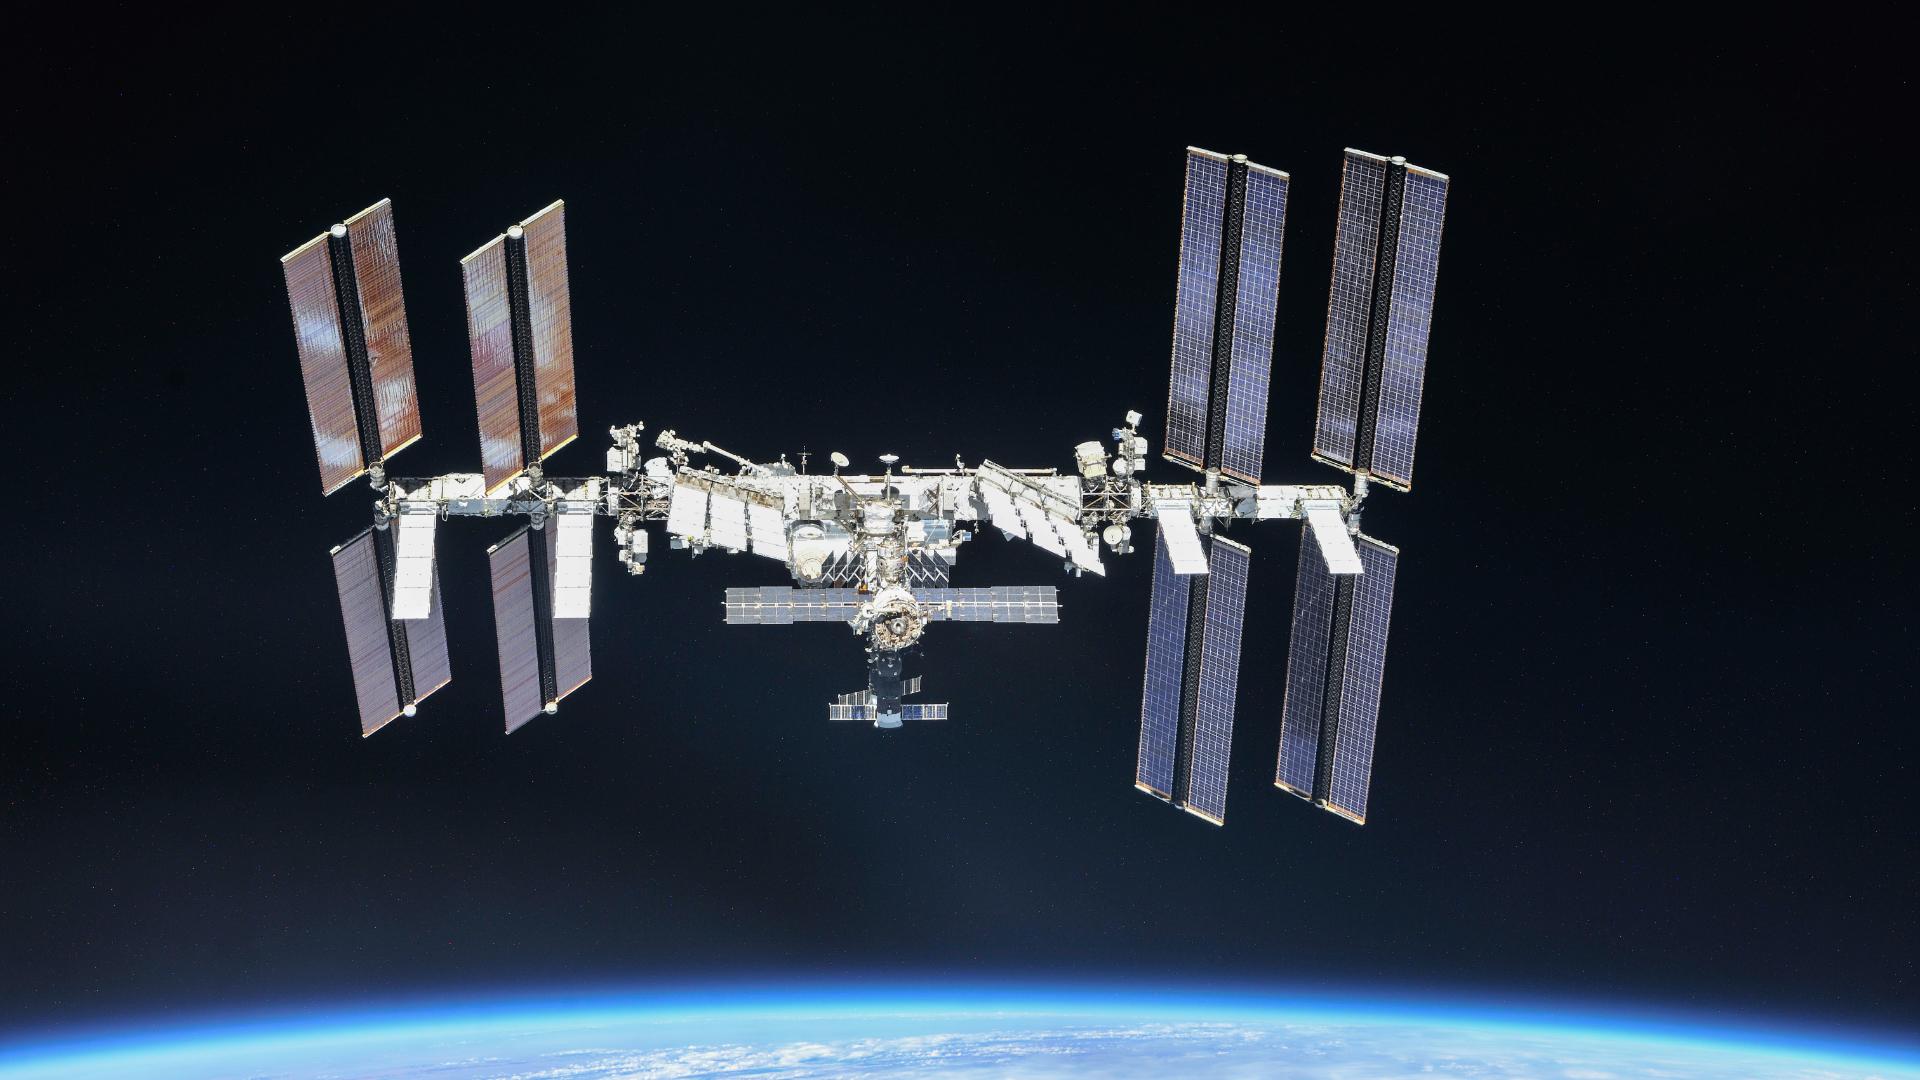 Ce dimanche, regardez en direct la sortie dans l'espace des astronautes de l'ISS - Numerama